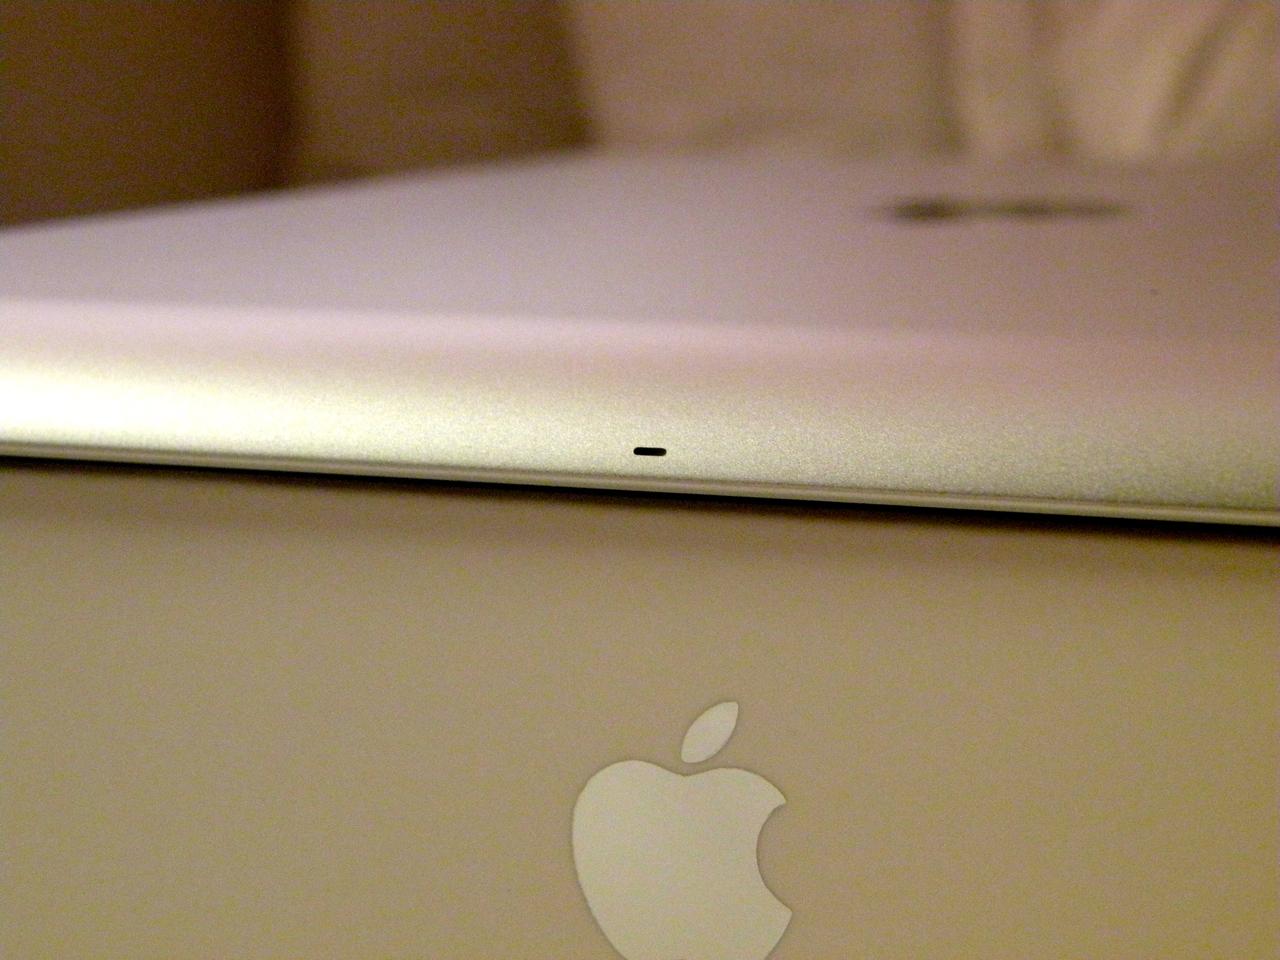 Microfone central no iPad 2